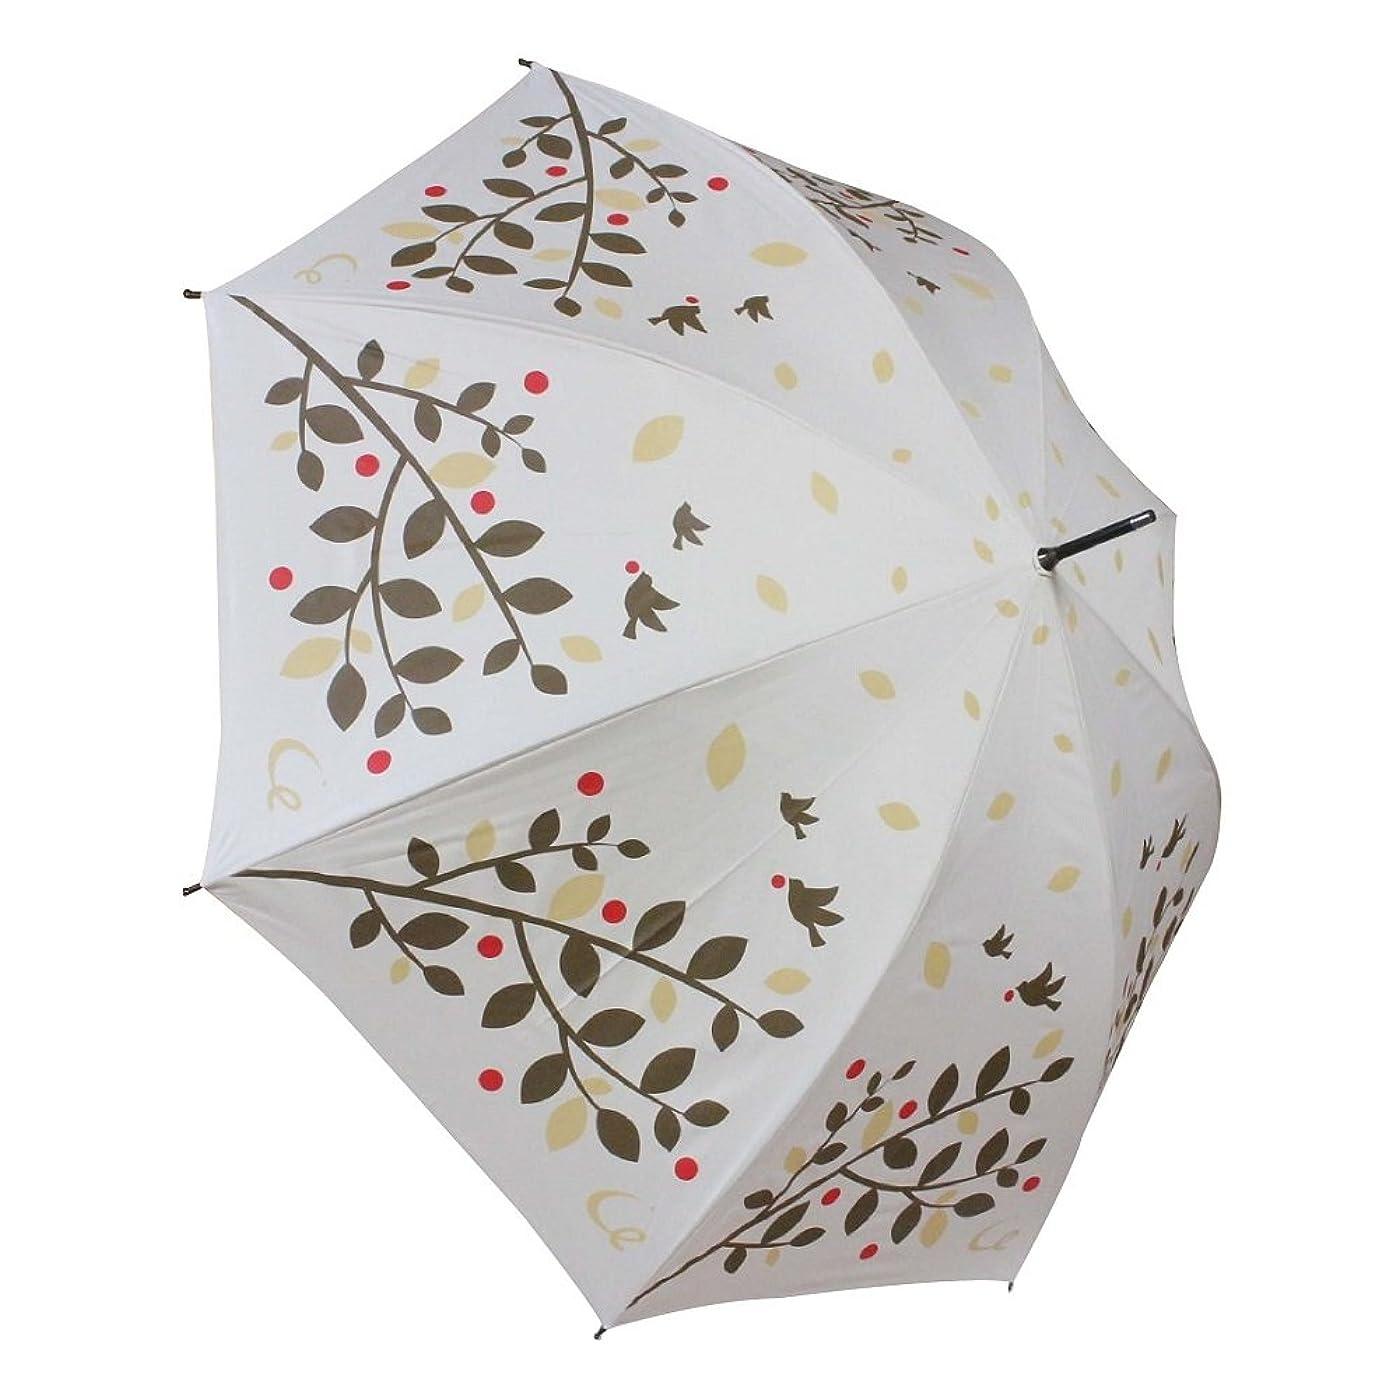 ファックス食堂機関車耐風 ゴルフ傘 レディース UV加工 晴雨兼用 親骨65cm 展開時直径109cm (ツリーバード)